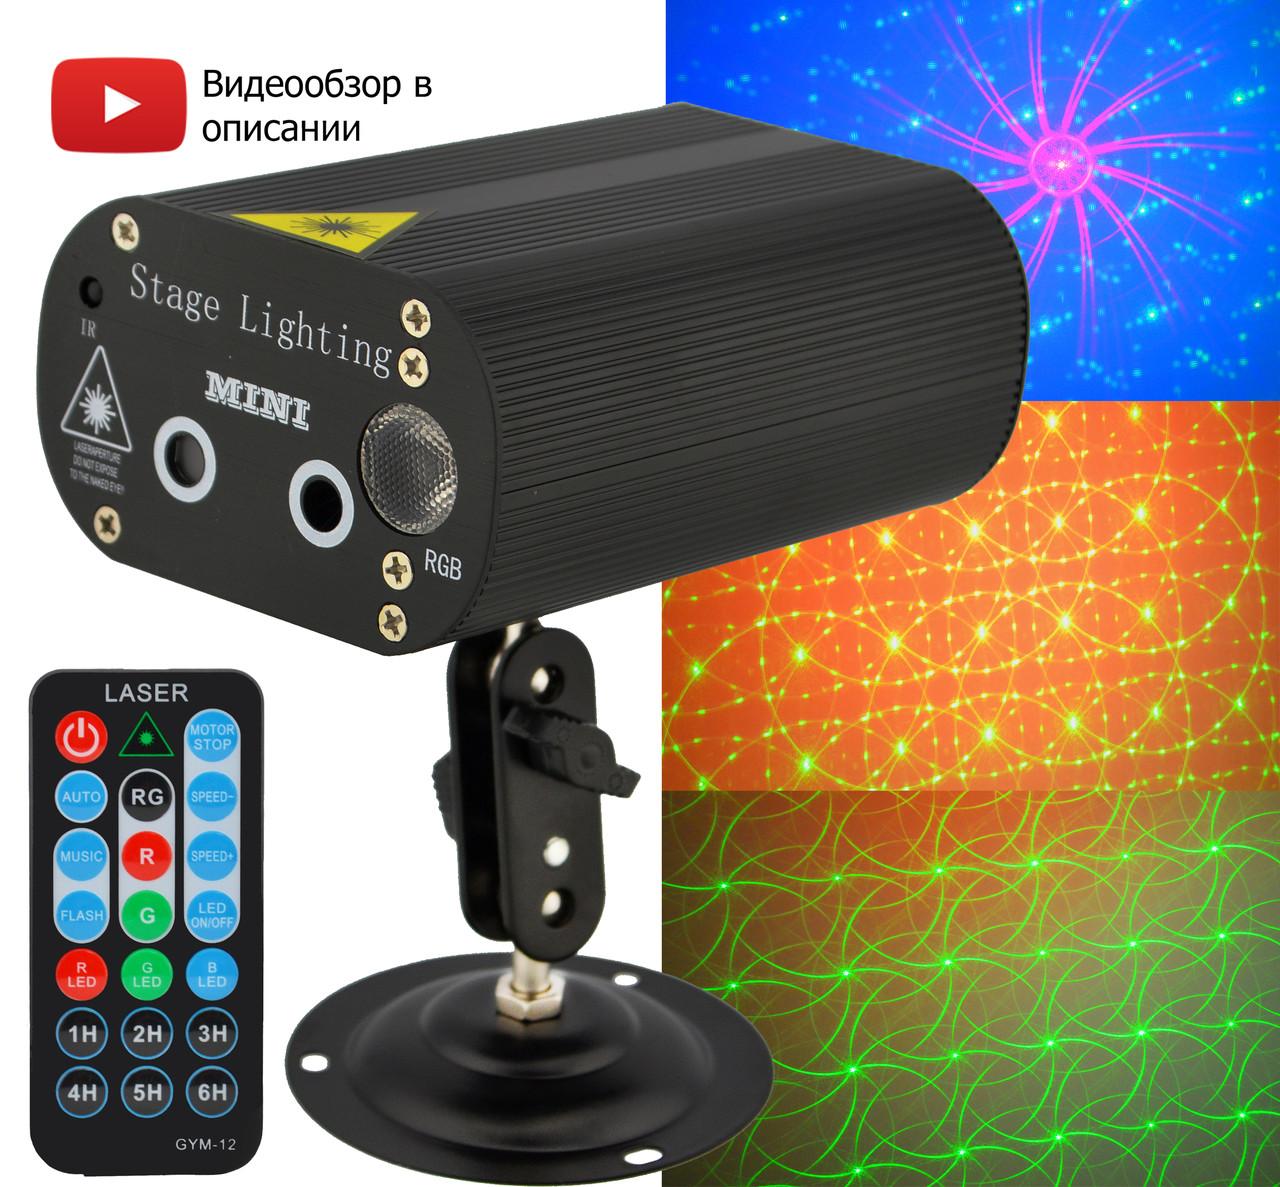 Лазерний установка (проектор, стробоскоп, світломузика) RD-8008L RGB + пульт Black (14574)